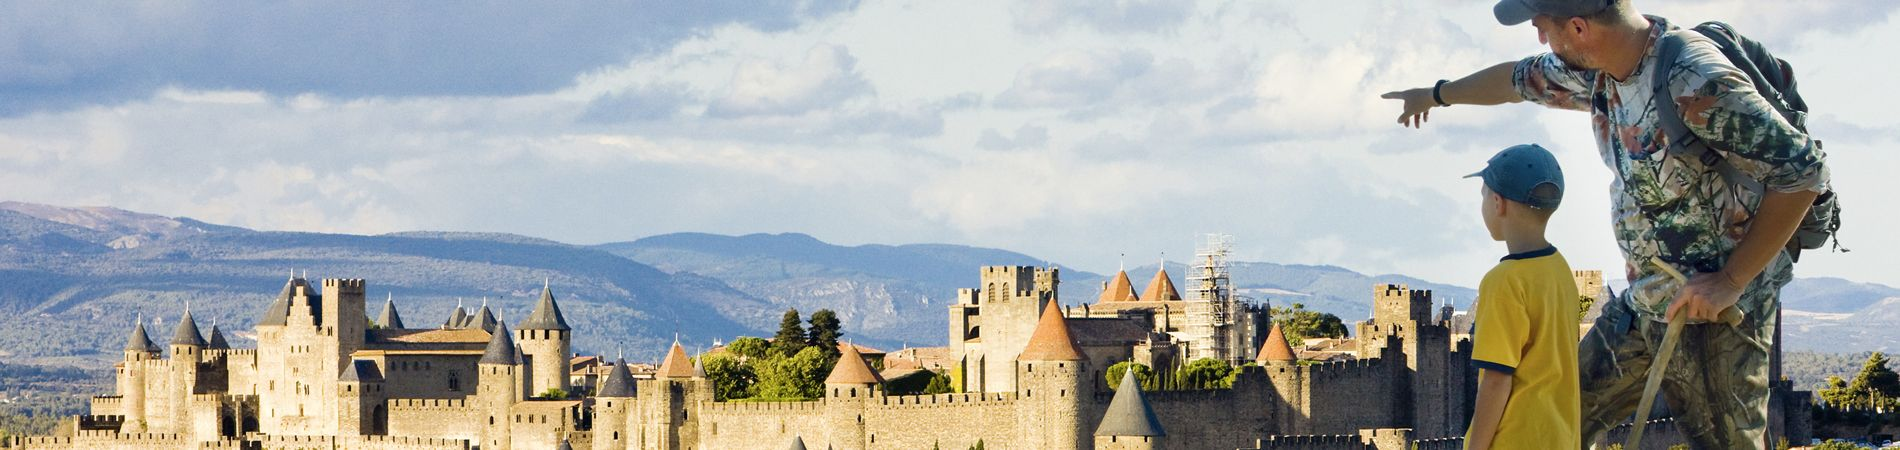 La vue de la cité de Carcassonne